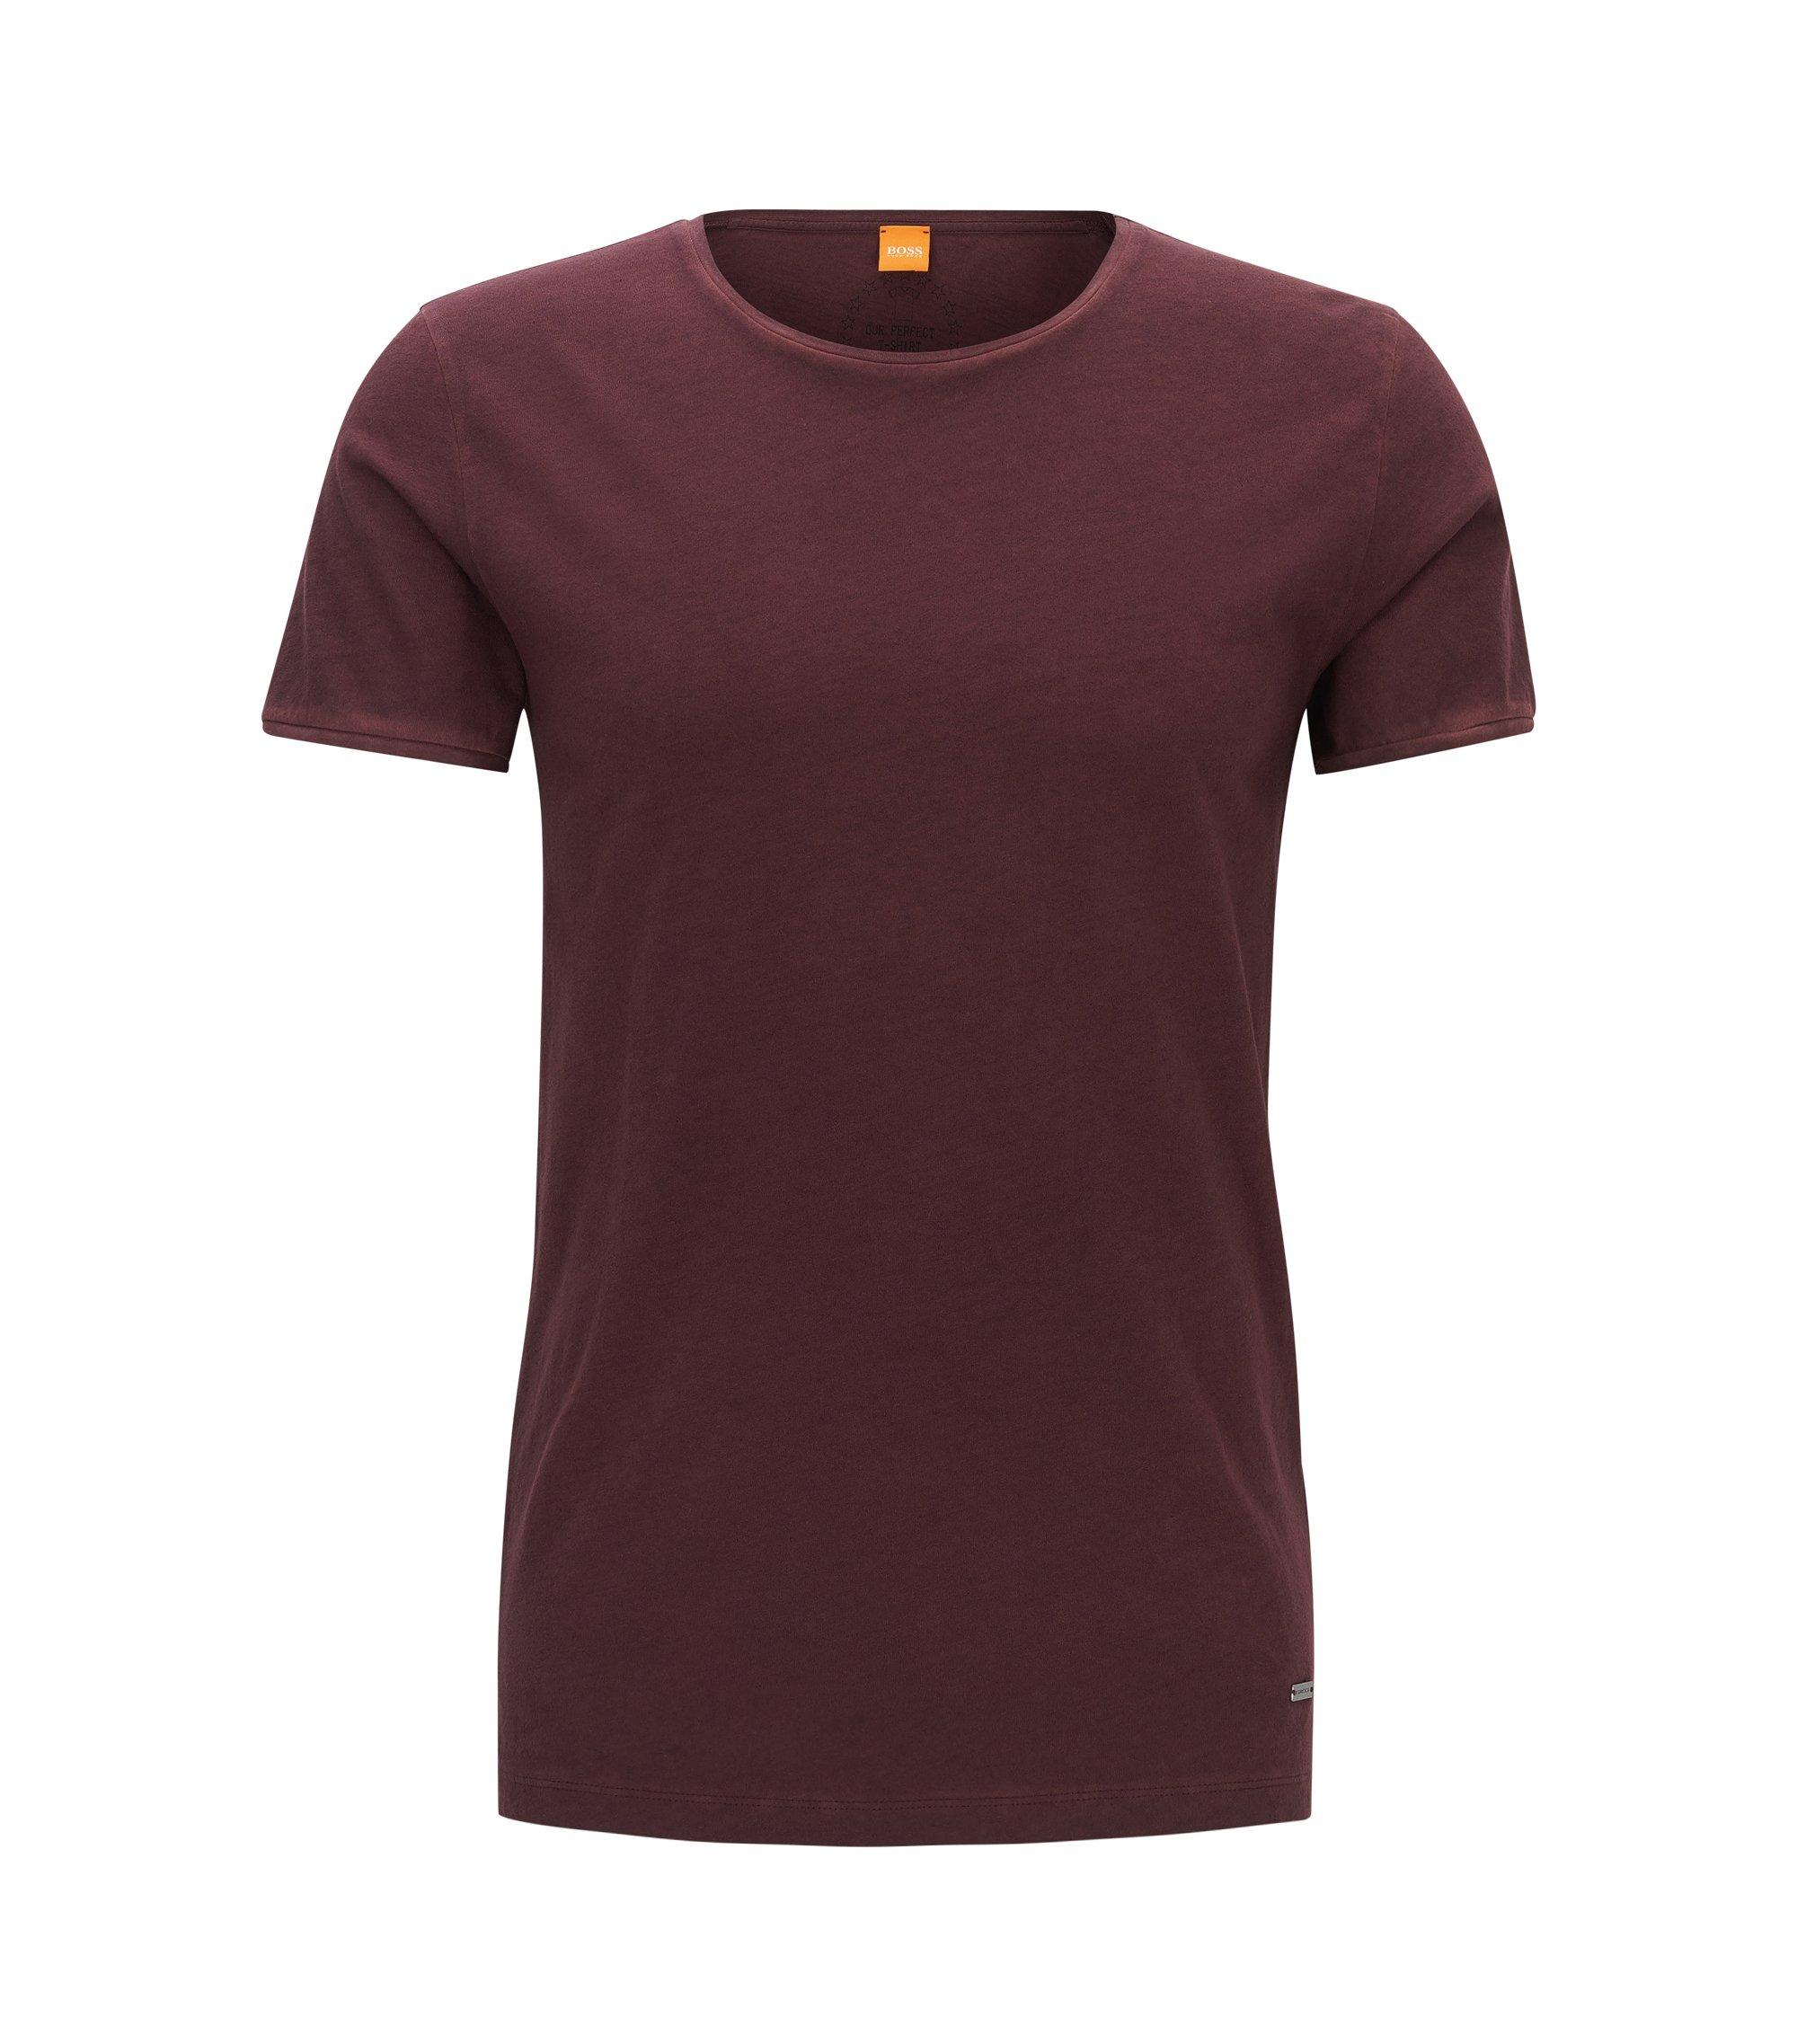 T-shirt Regular Fit en coton lavé Garment Washed, Rouge sombre